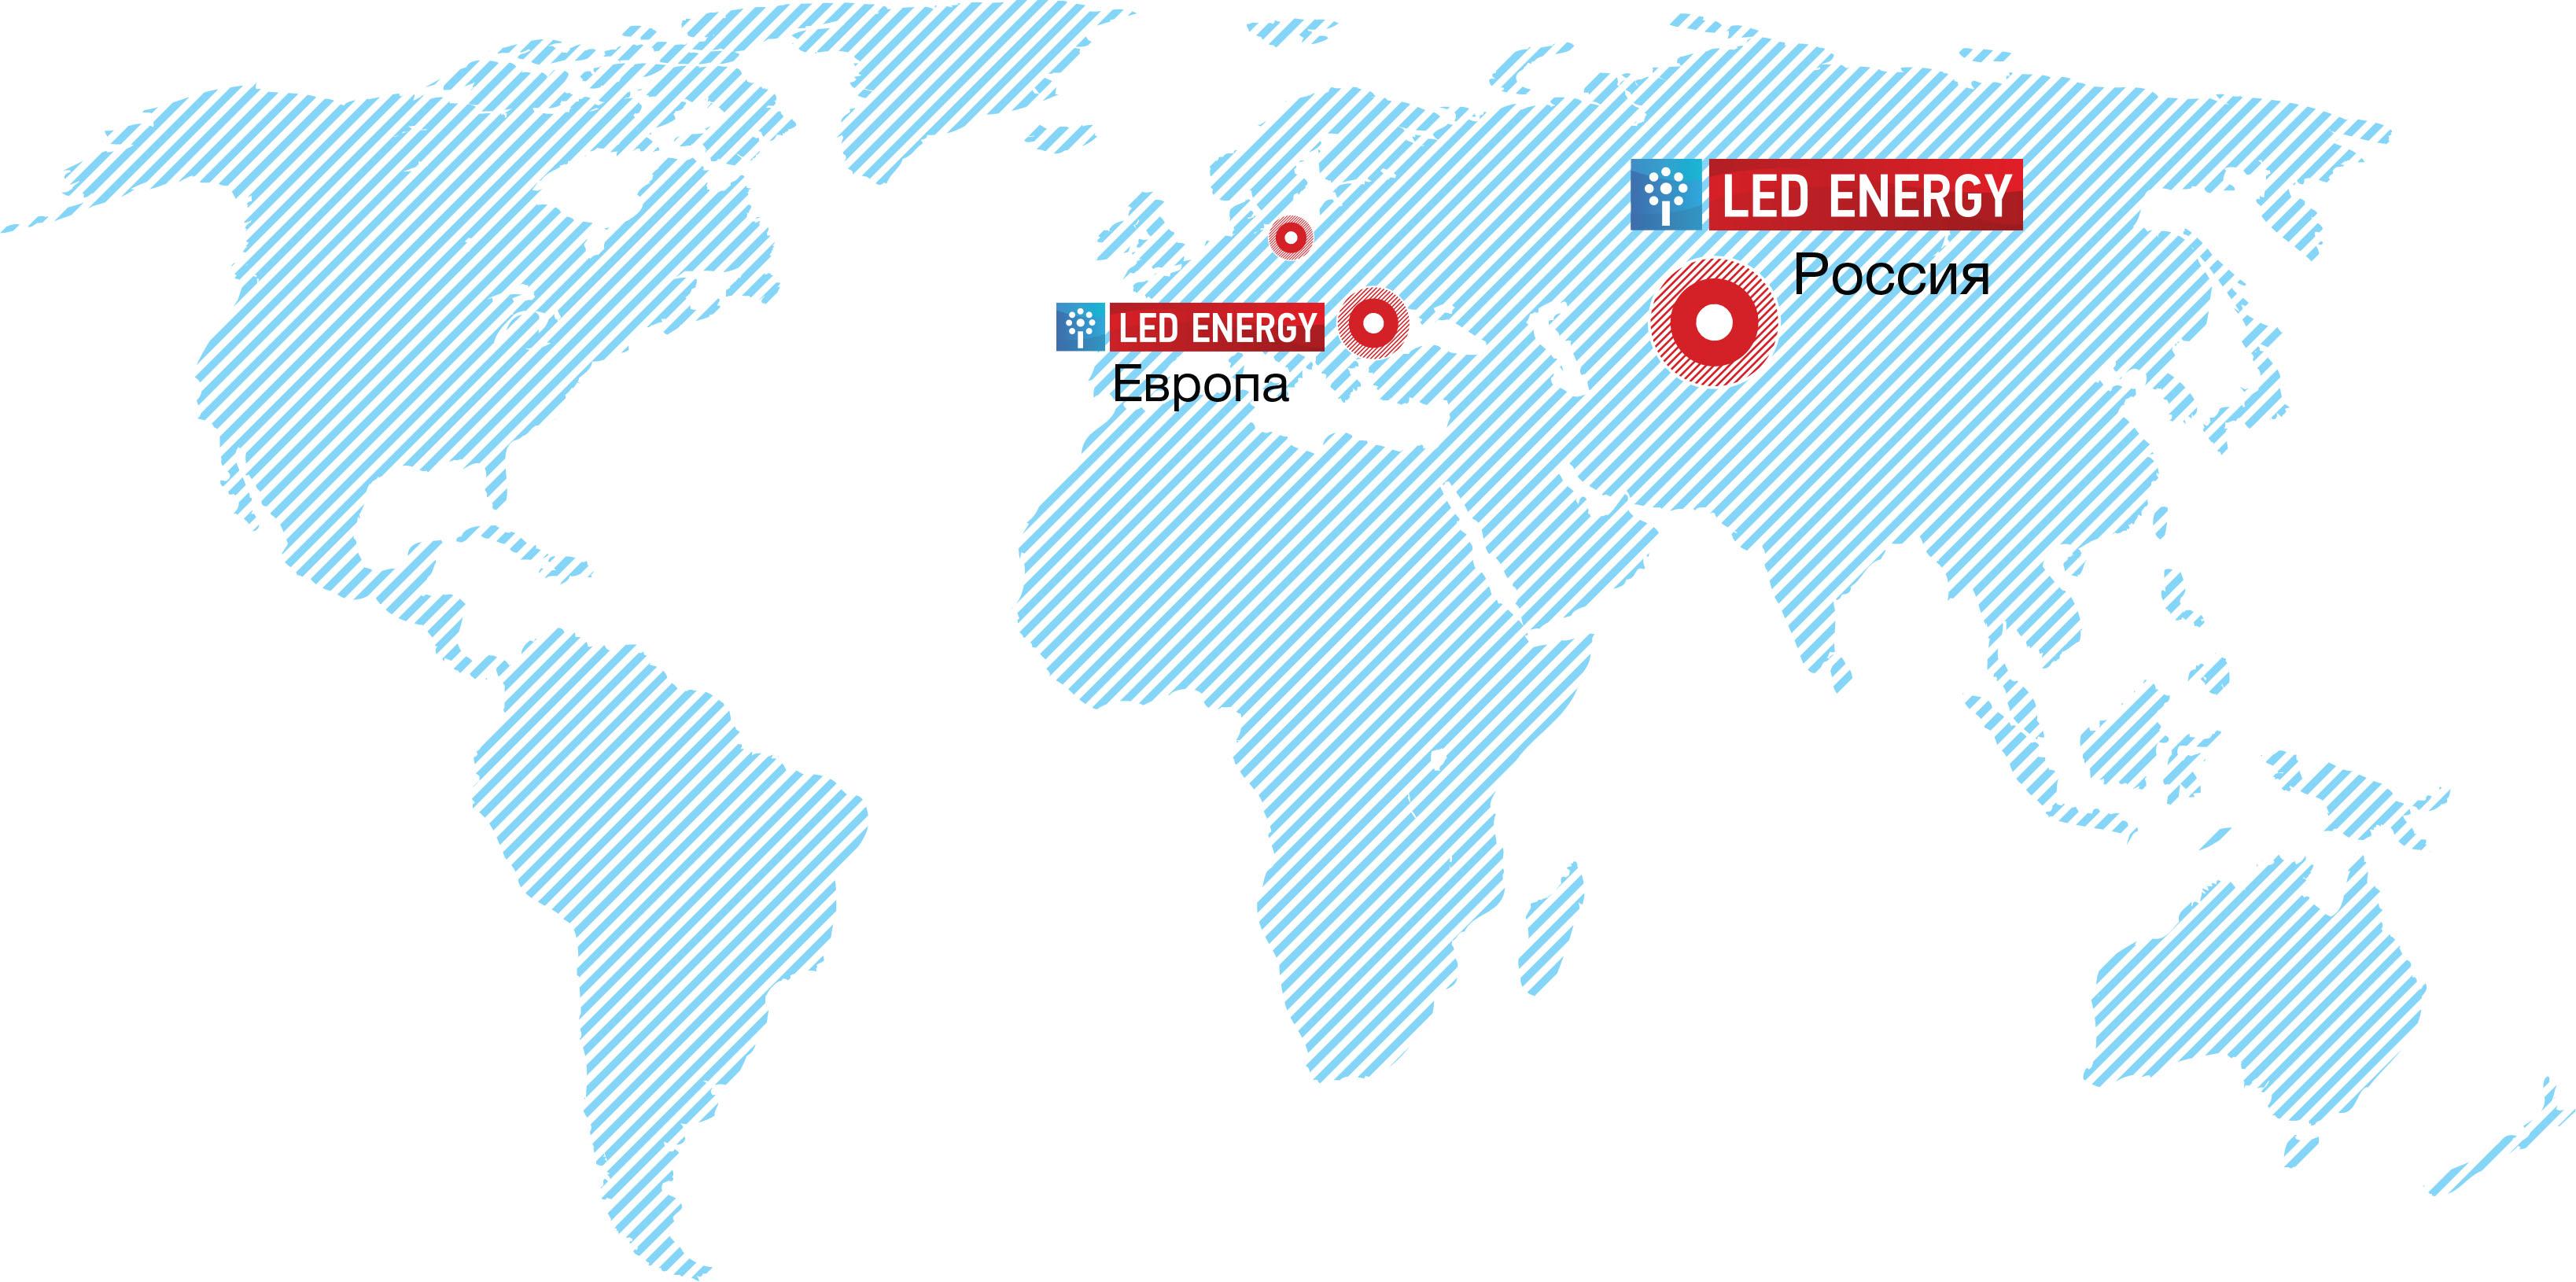 География реализованных проектов «под ключ» охватывает страны Восточной Европы, государства СНГ, и Россию.